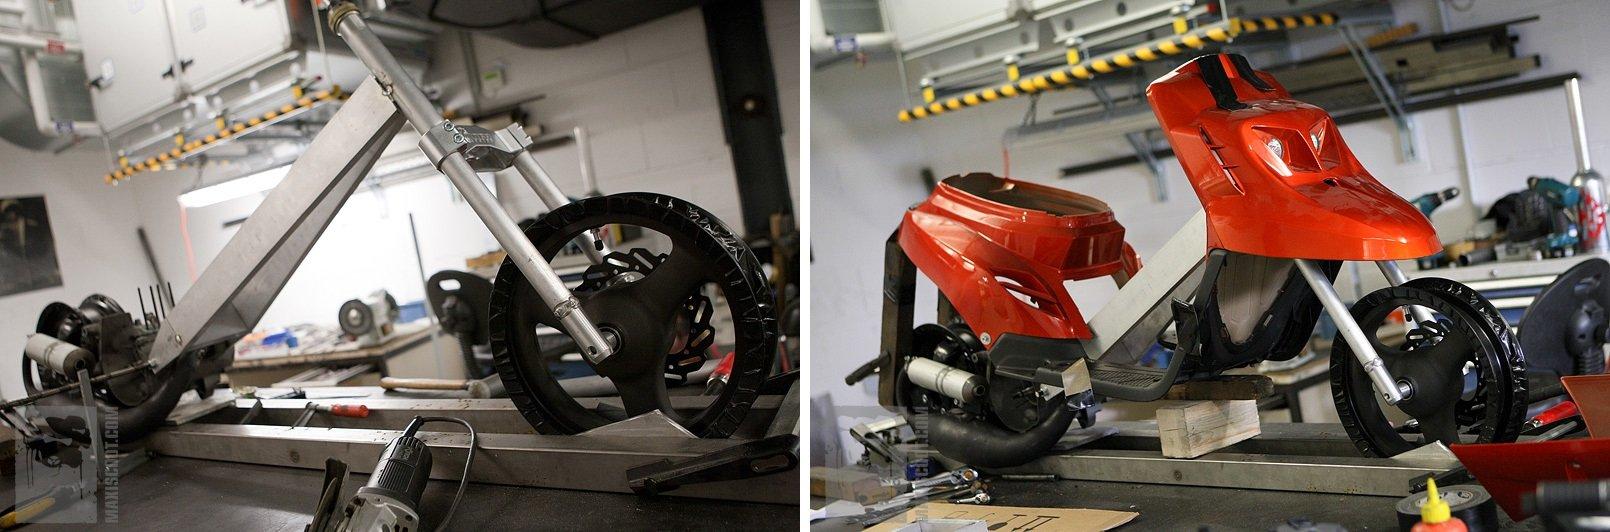 Rahmen-aluminium-mbk-booster-mxs-racing